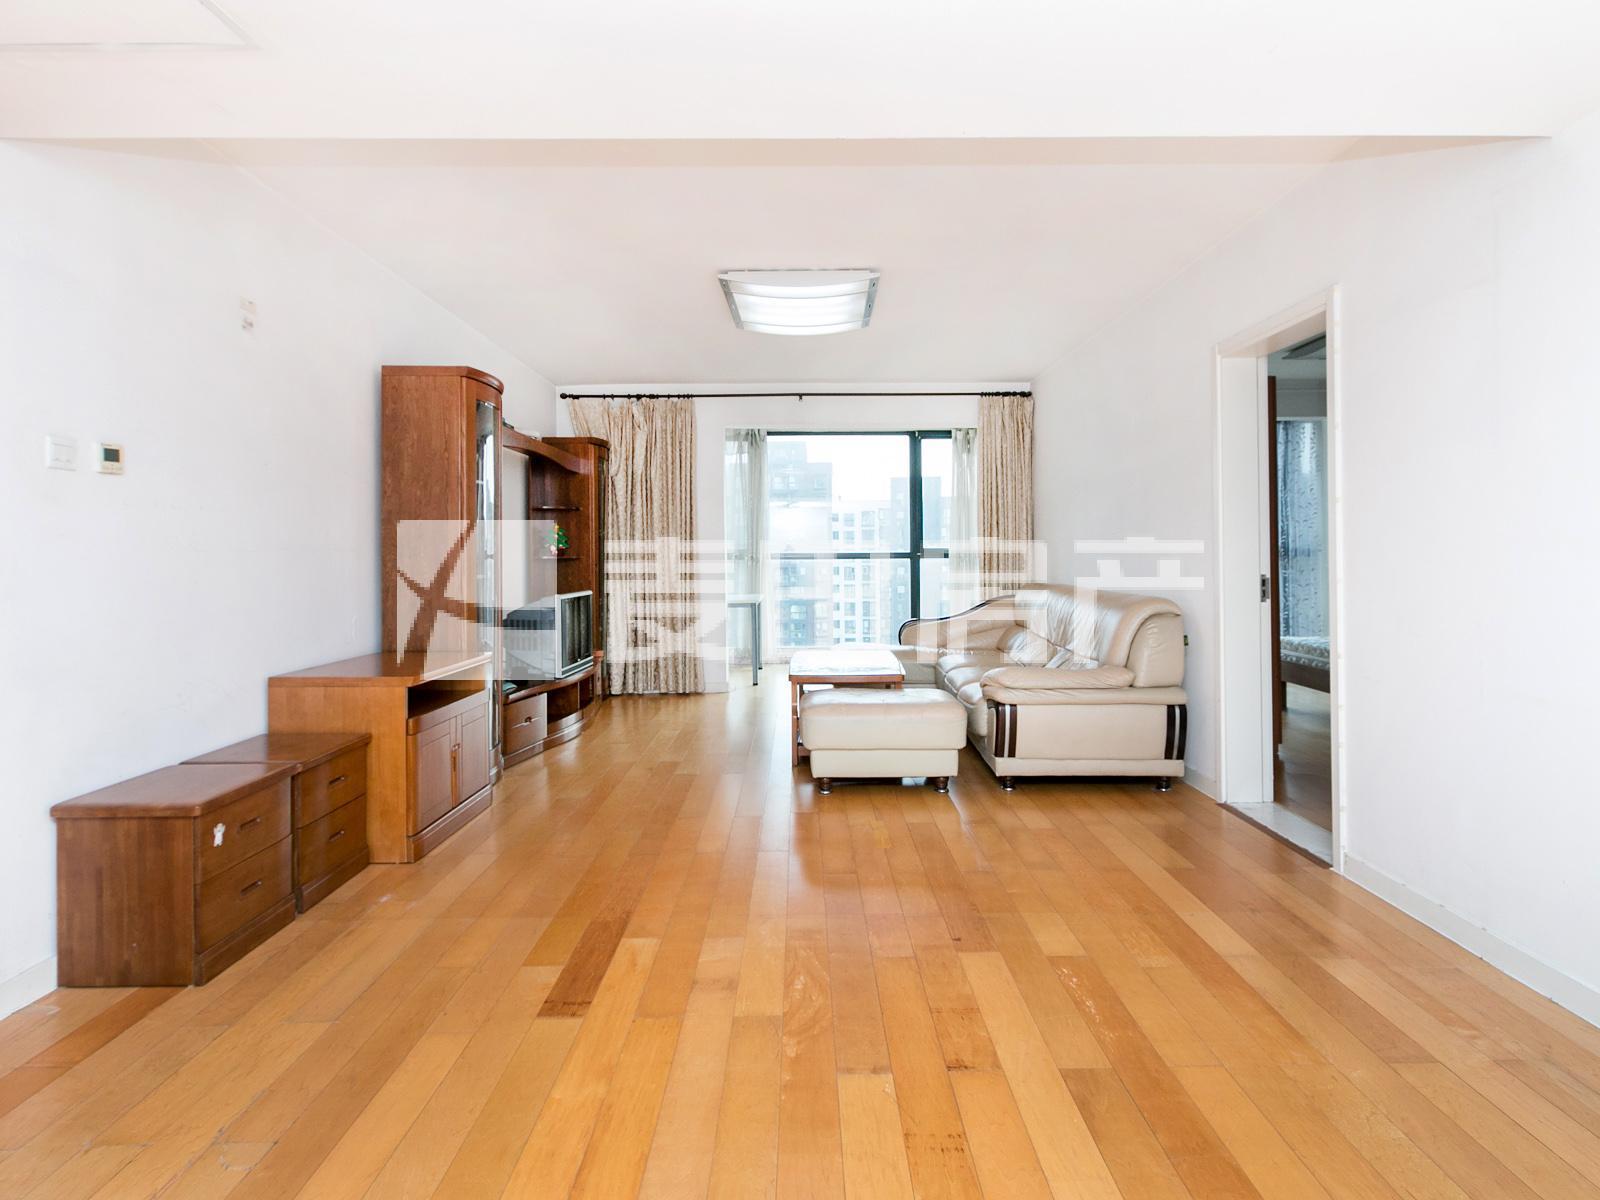 望京澳洲康都,南北通透三居室,出价1080万以上可面聊